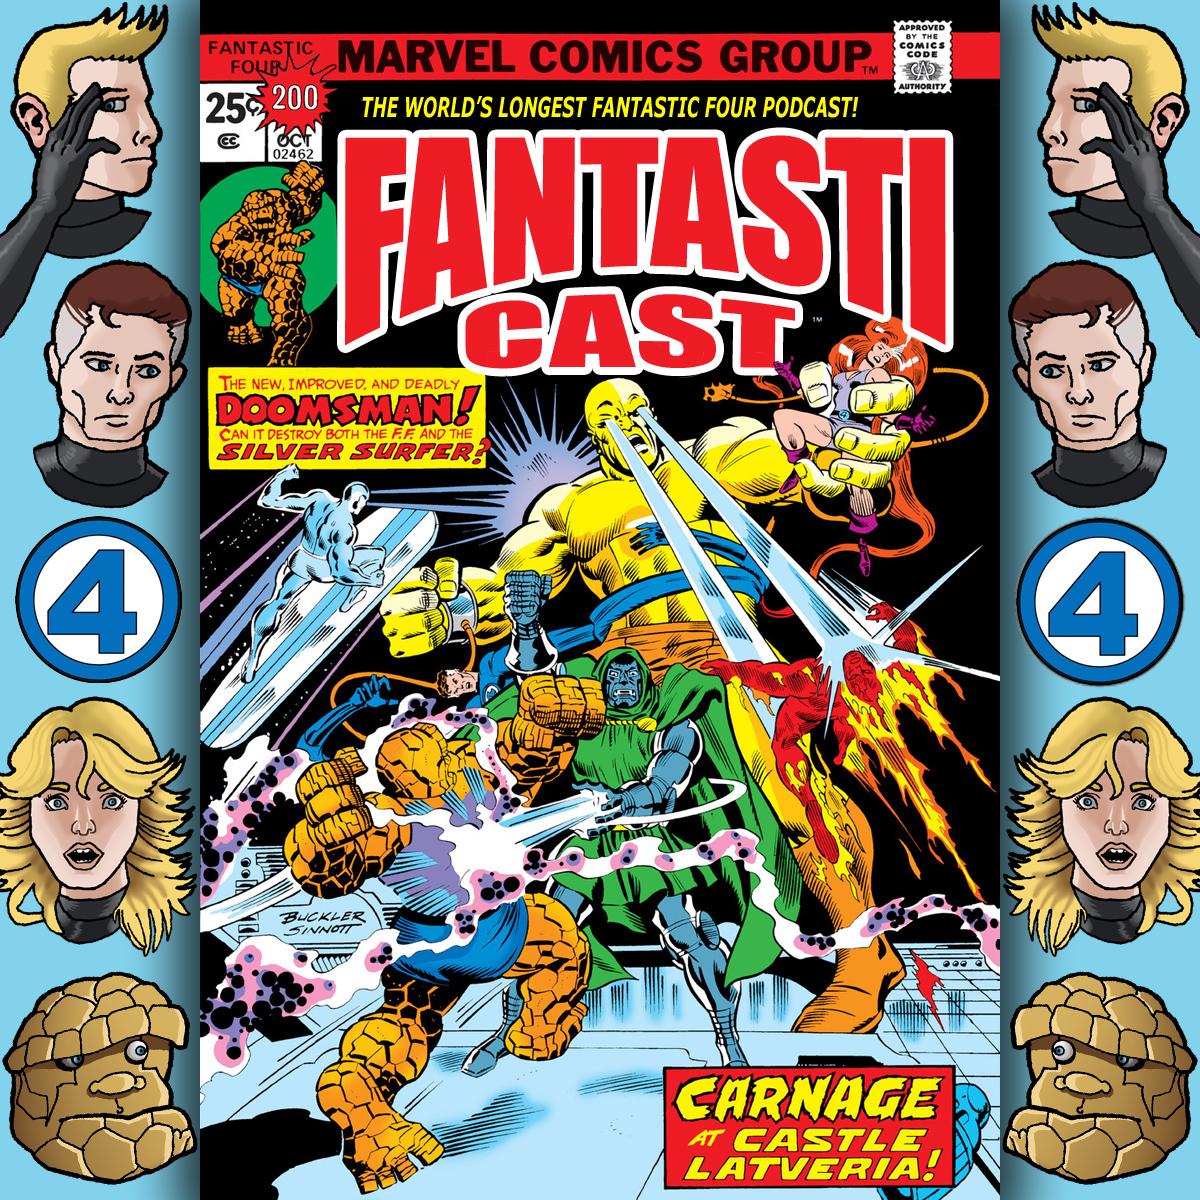 Episode 200: Fantastic Four #157 - The Endeth Cometh